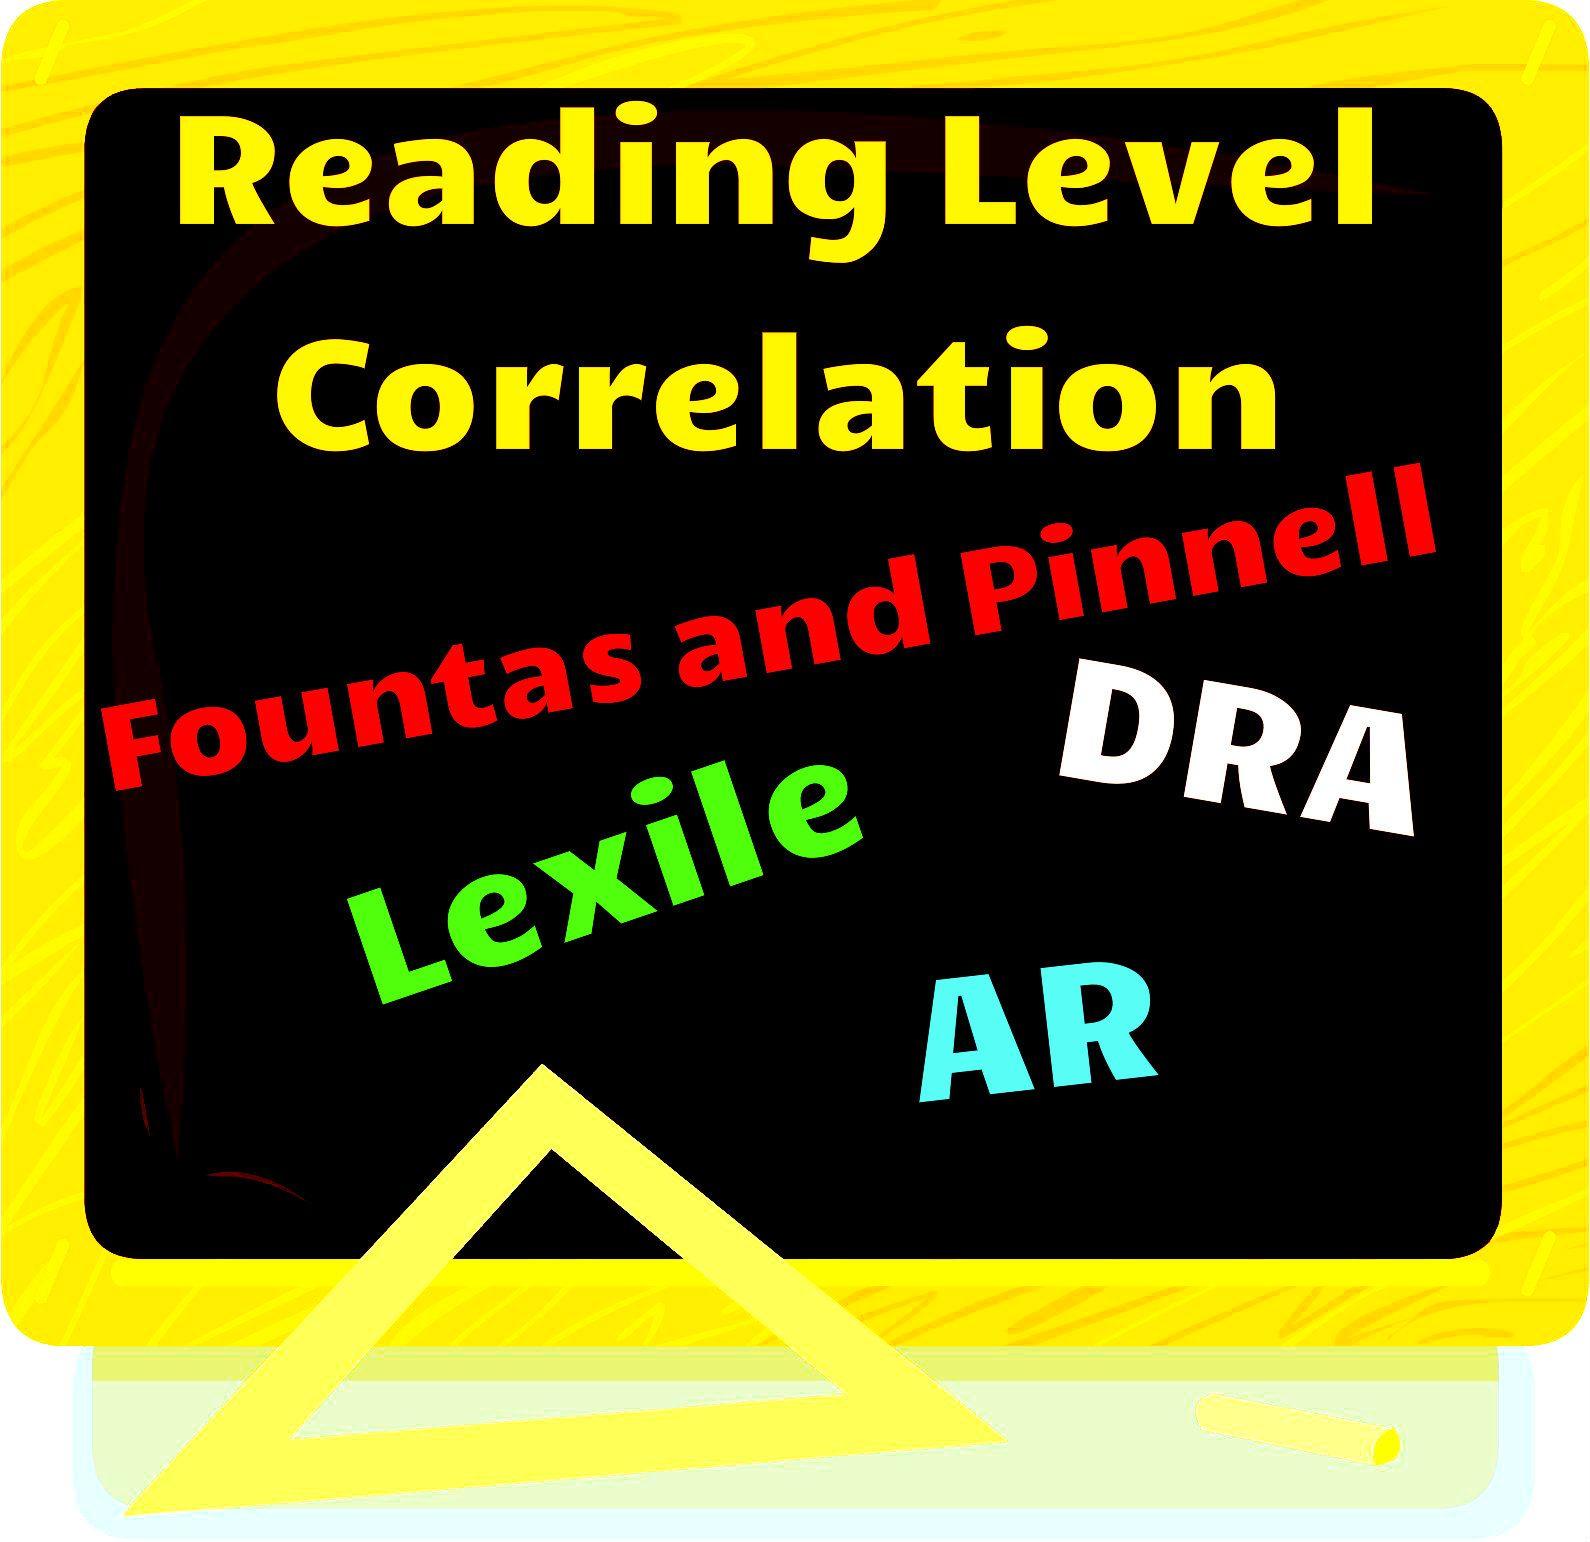 Free reading level correlation chart for fontas and pinnell dra free reading level correlation chart for fontas and pinnell dra grade level ar geenschuldenfo Choice Image